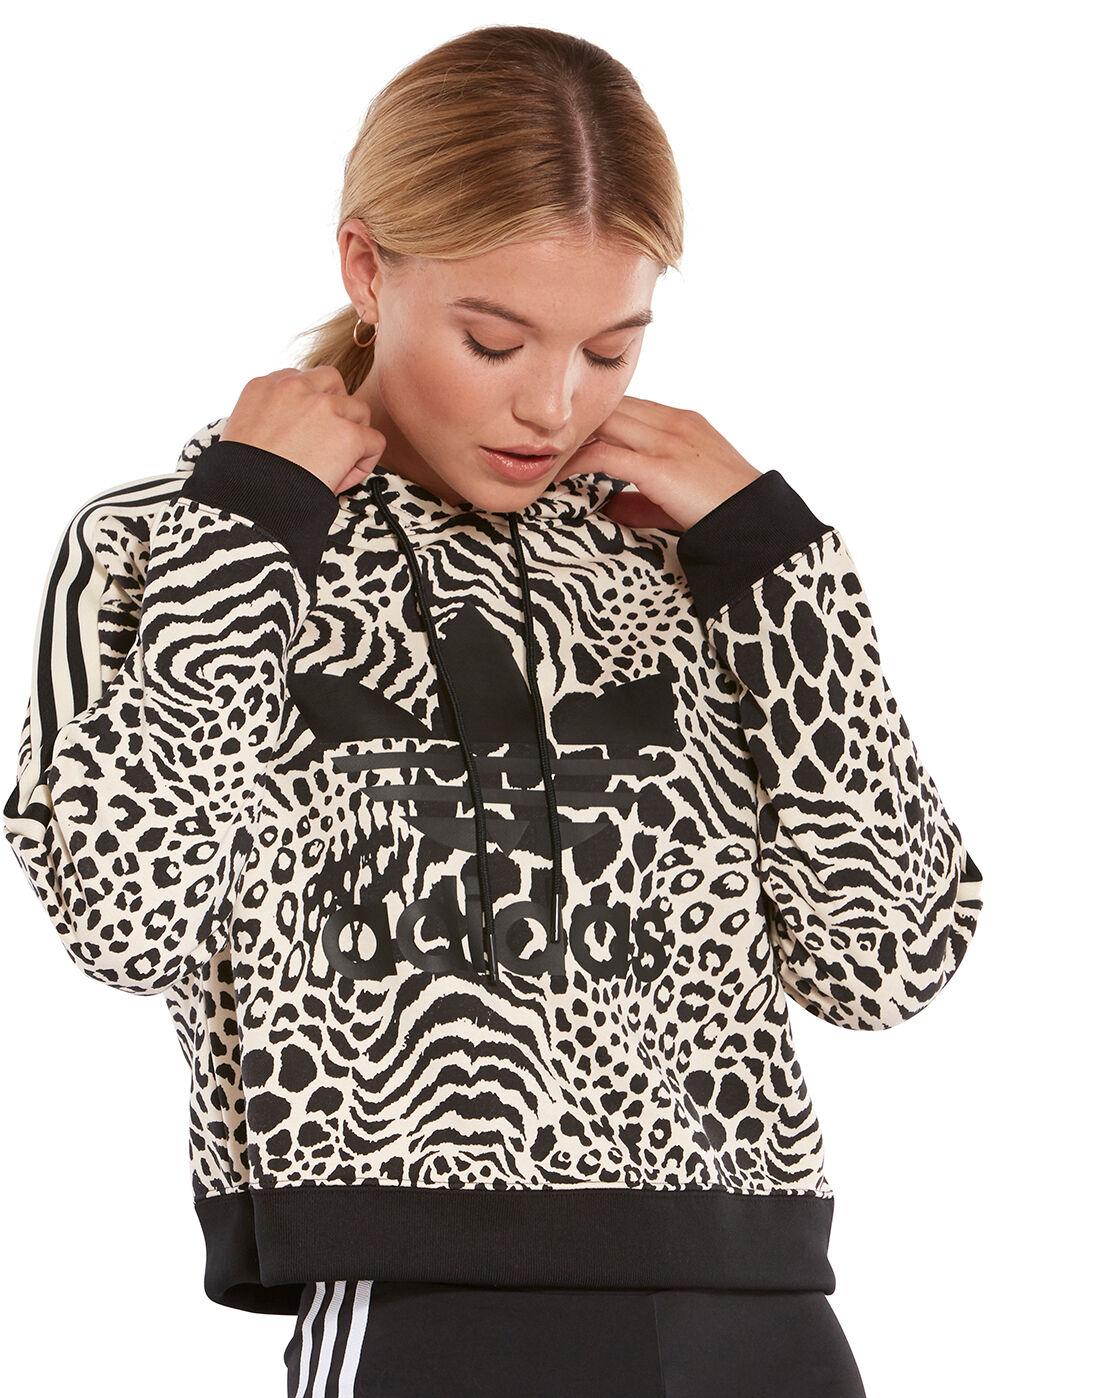 Leopard Print adidas Originals Hoodie